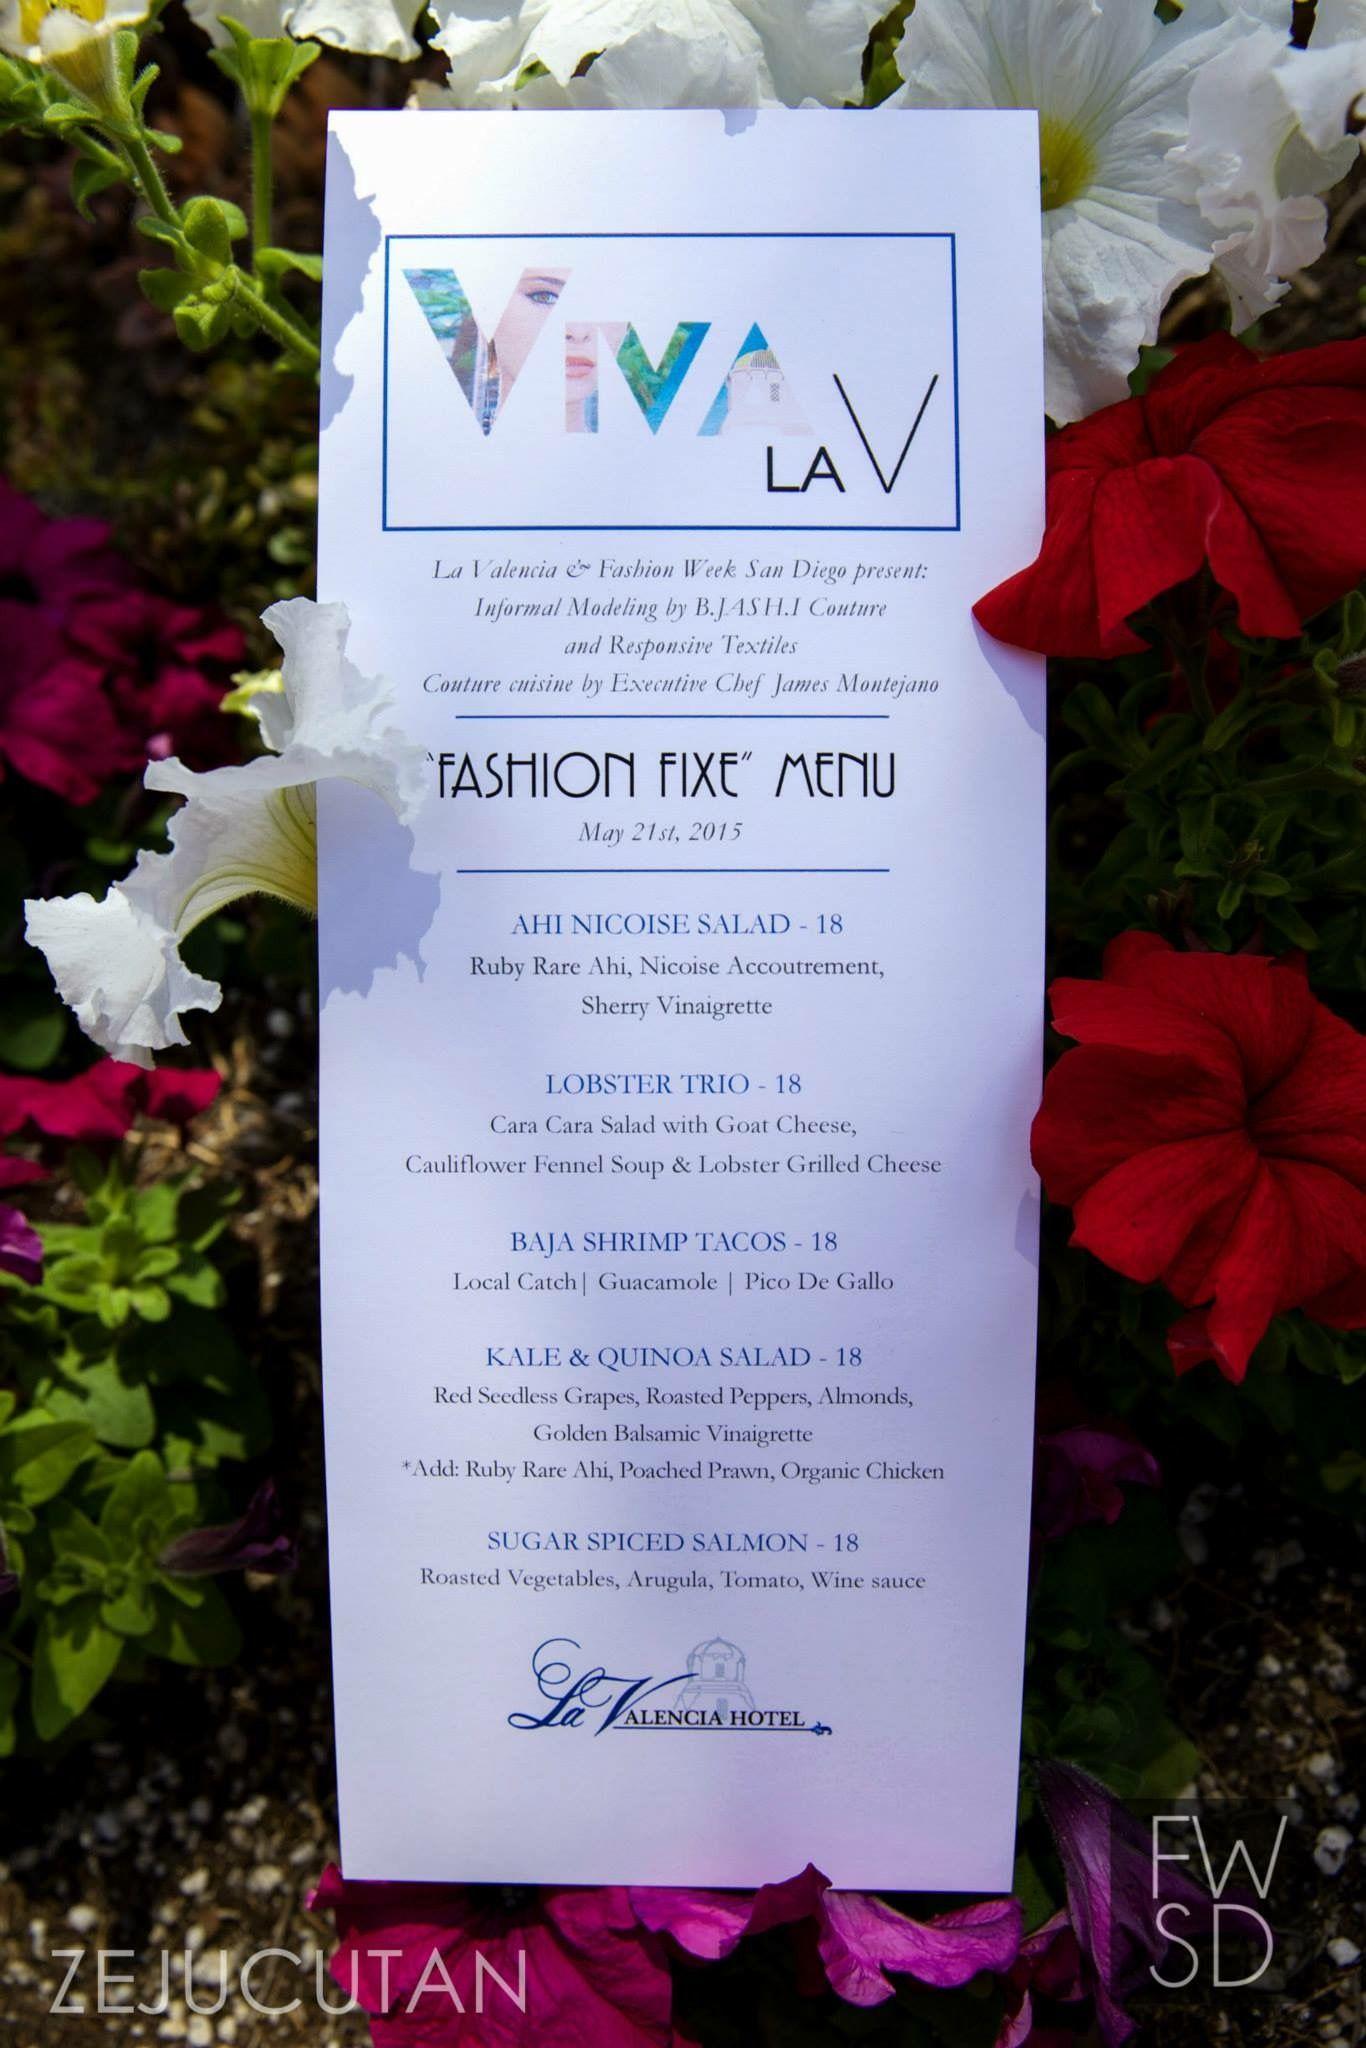 Exquisite Menu For Fwsd 2015 Viva La V At La Valencia Hotel La